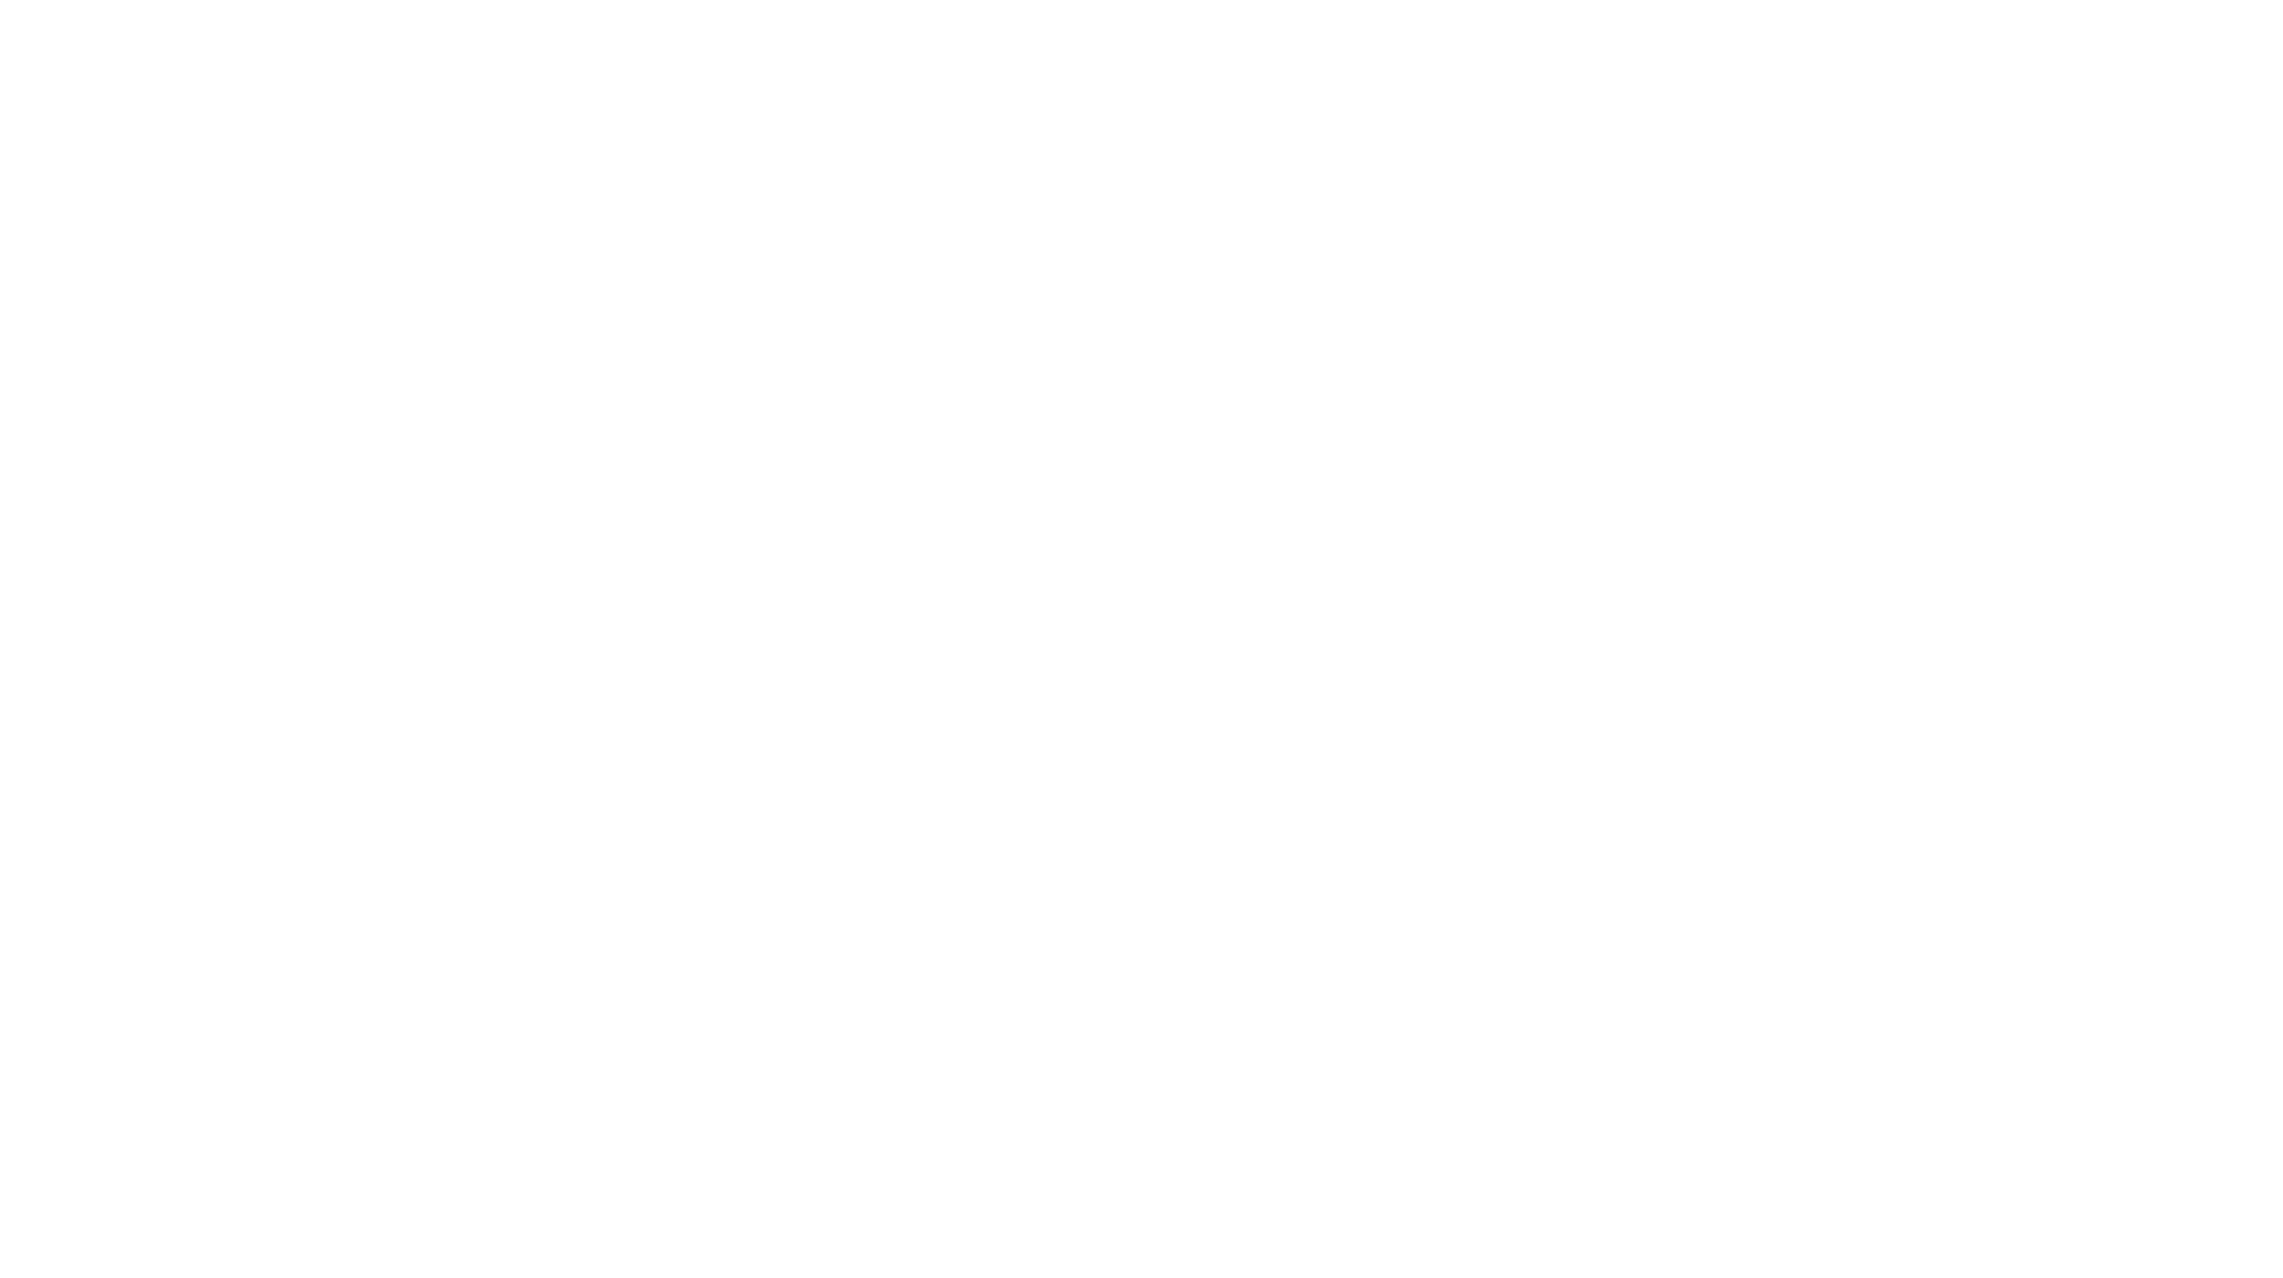 Motor City Cannabites Logo